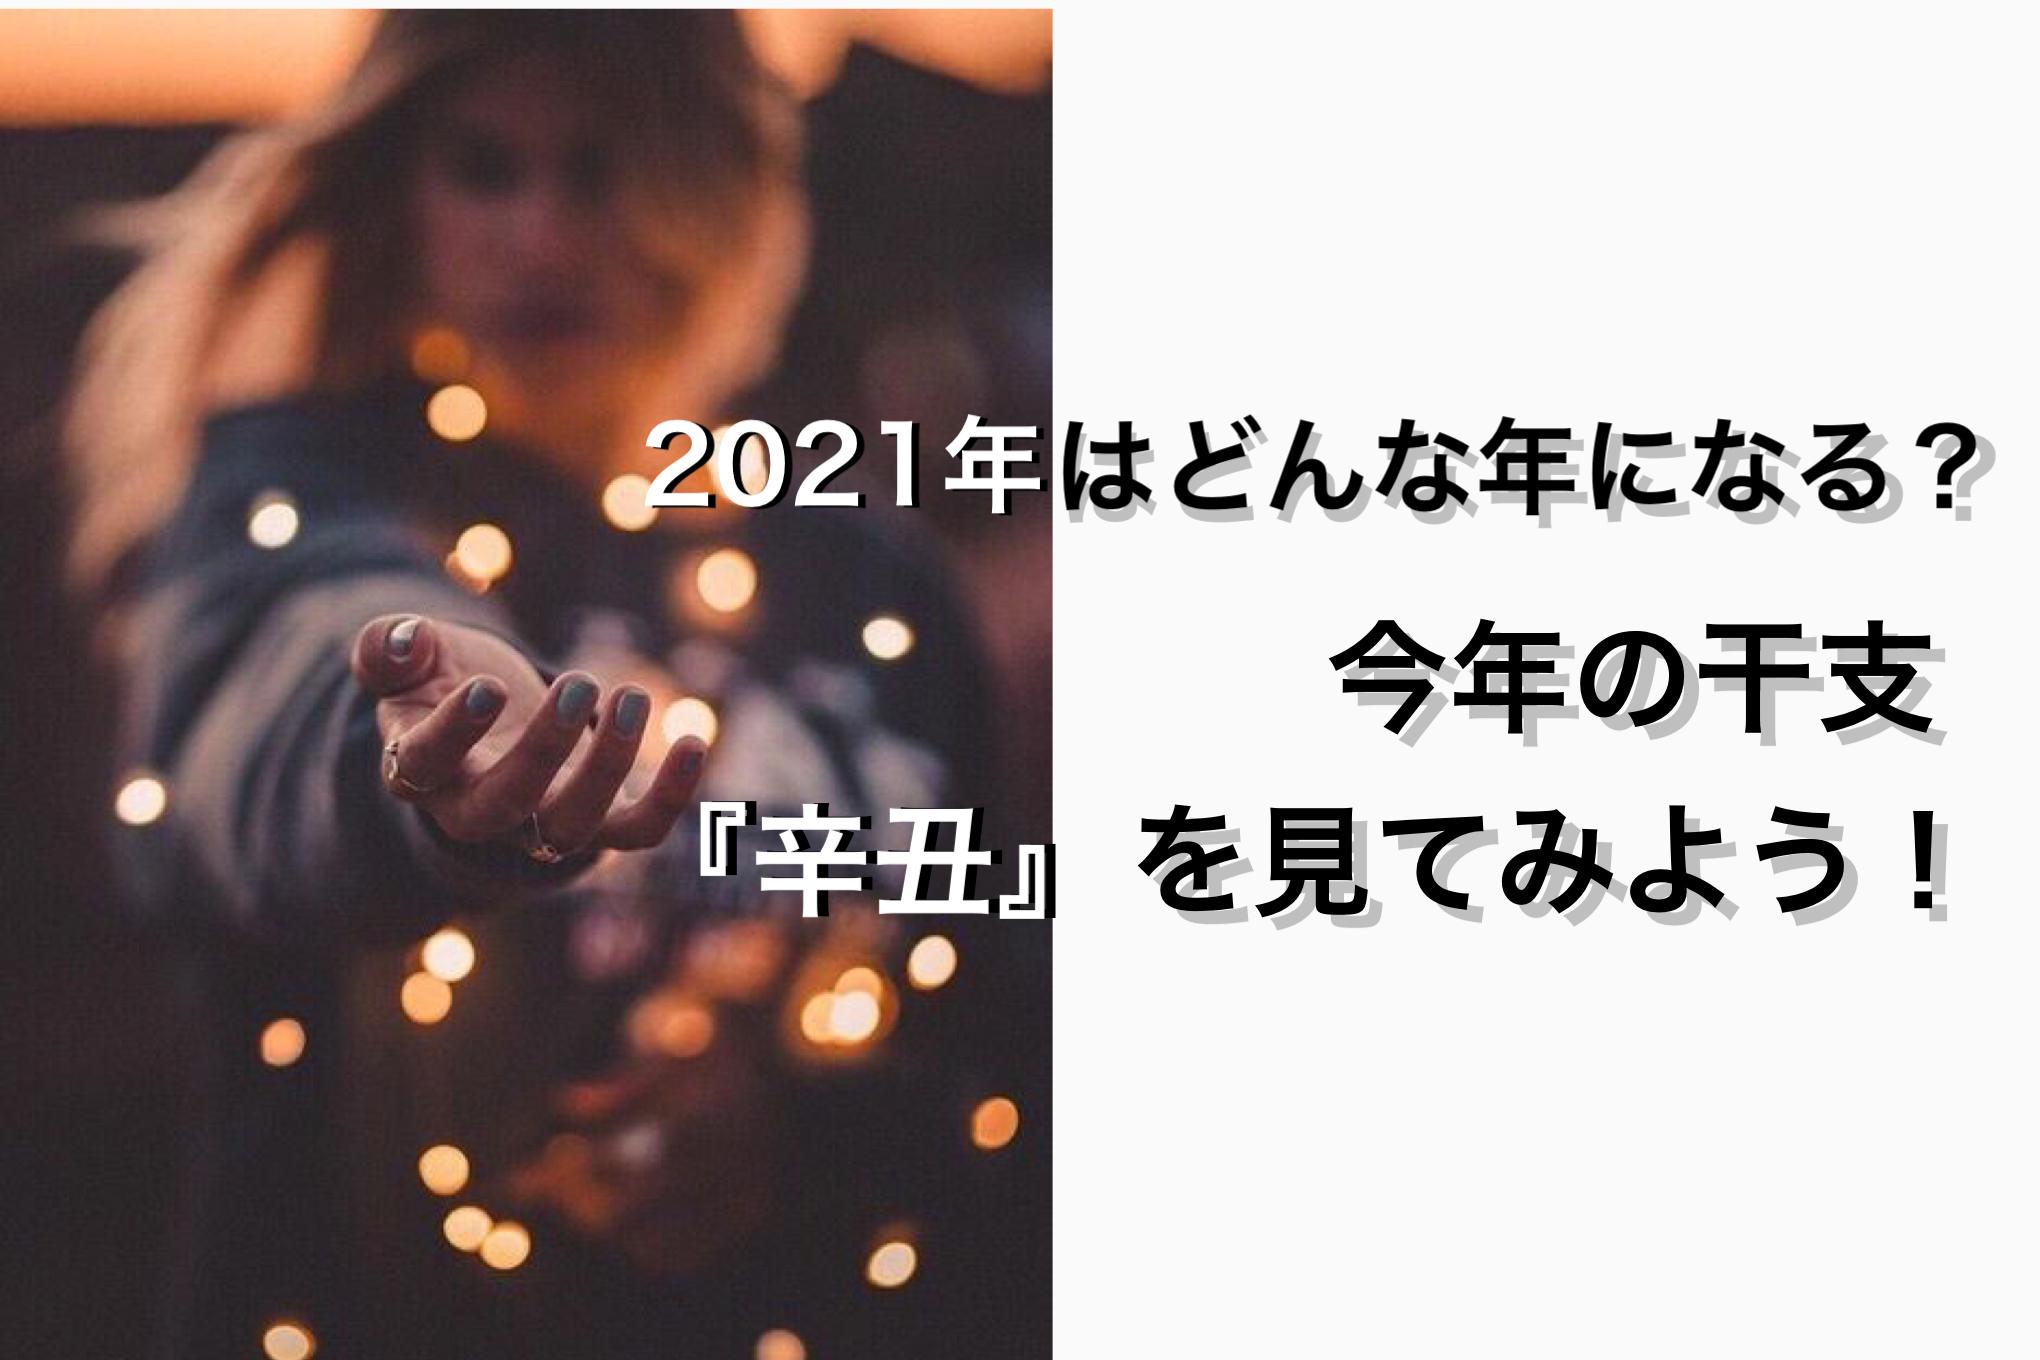 2021年はどんな年になる?今年の干支『辛丑』を見てみよう!